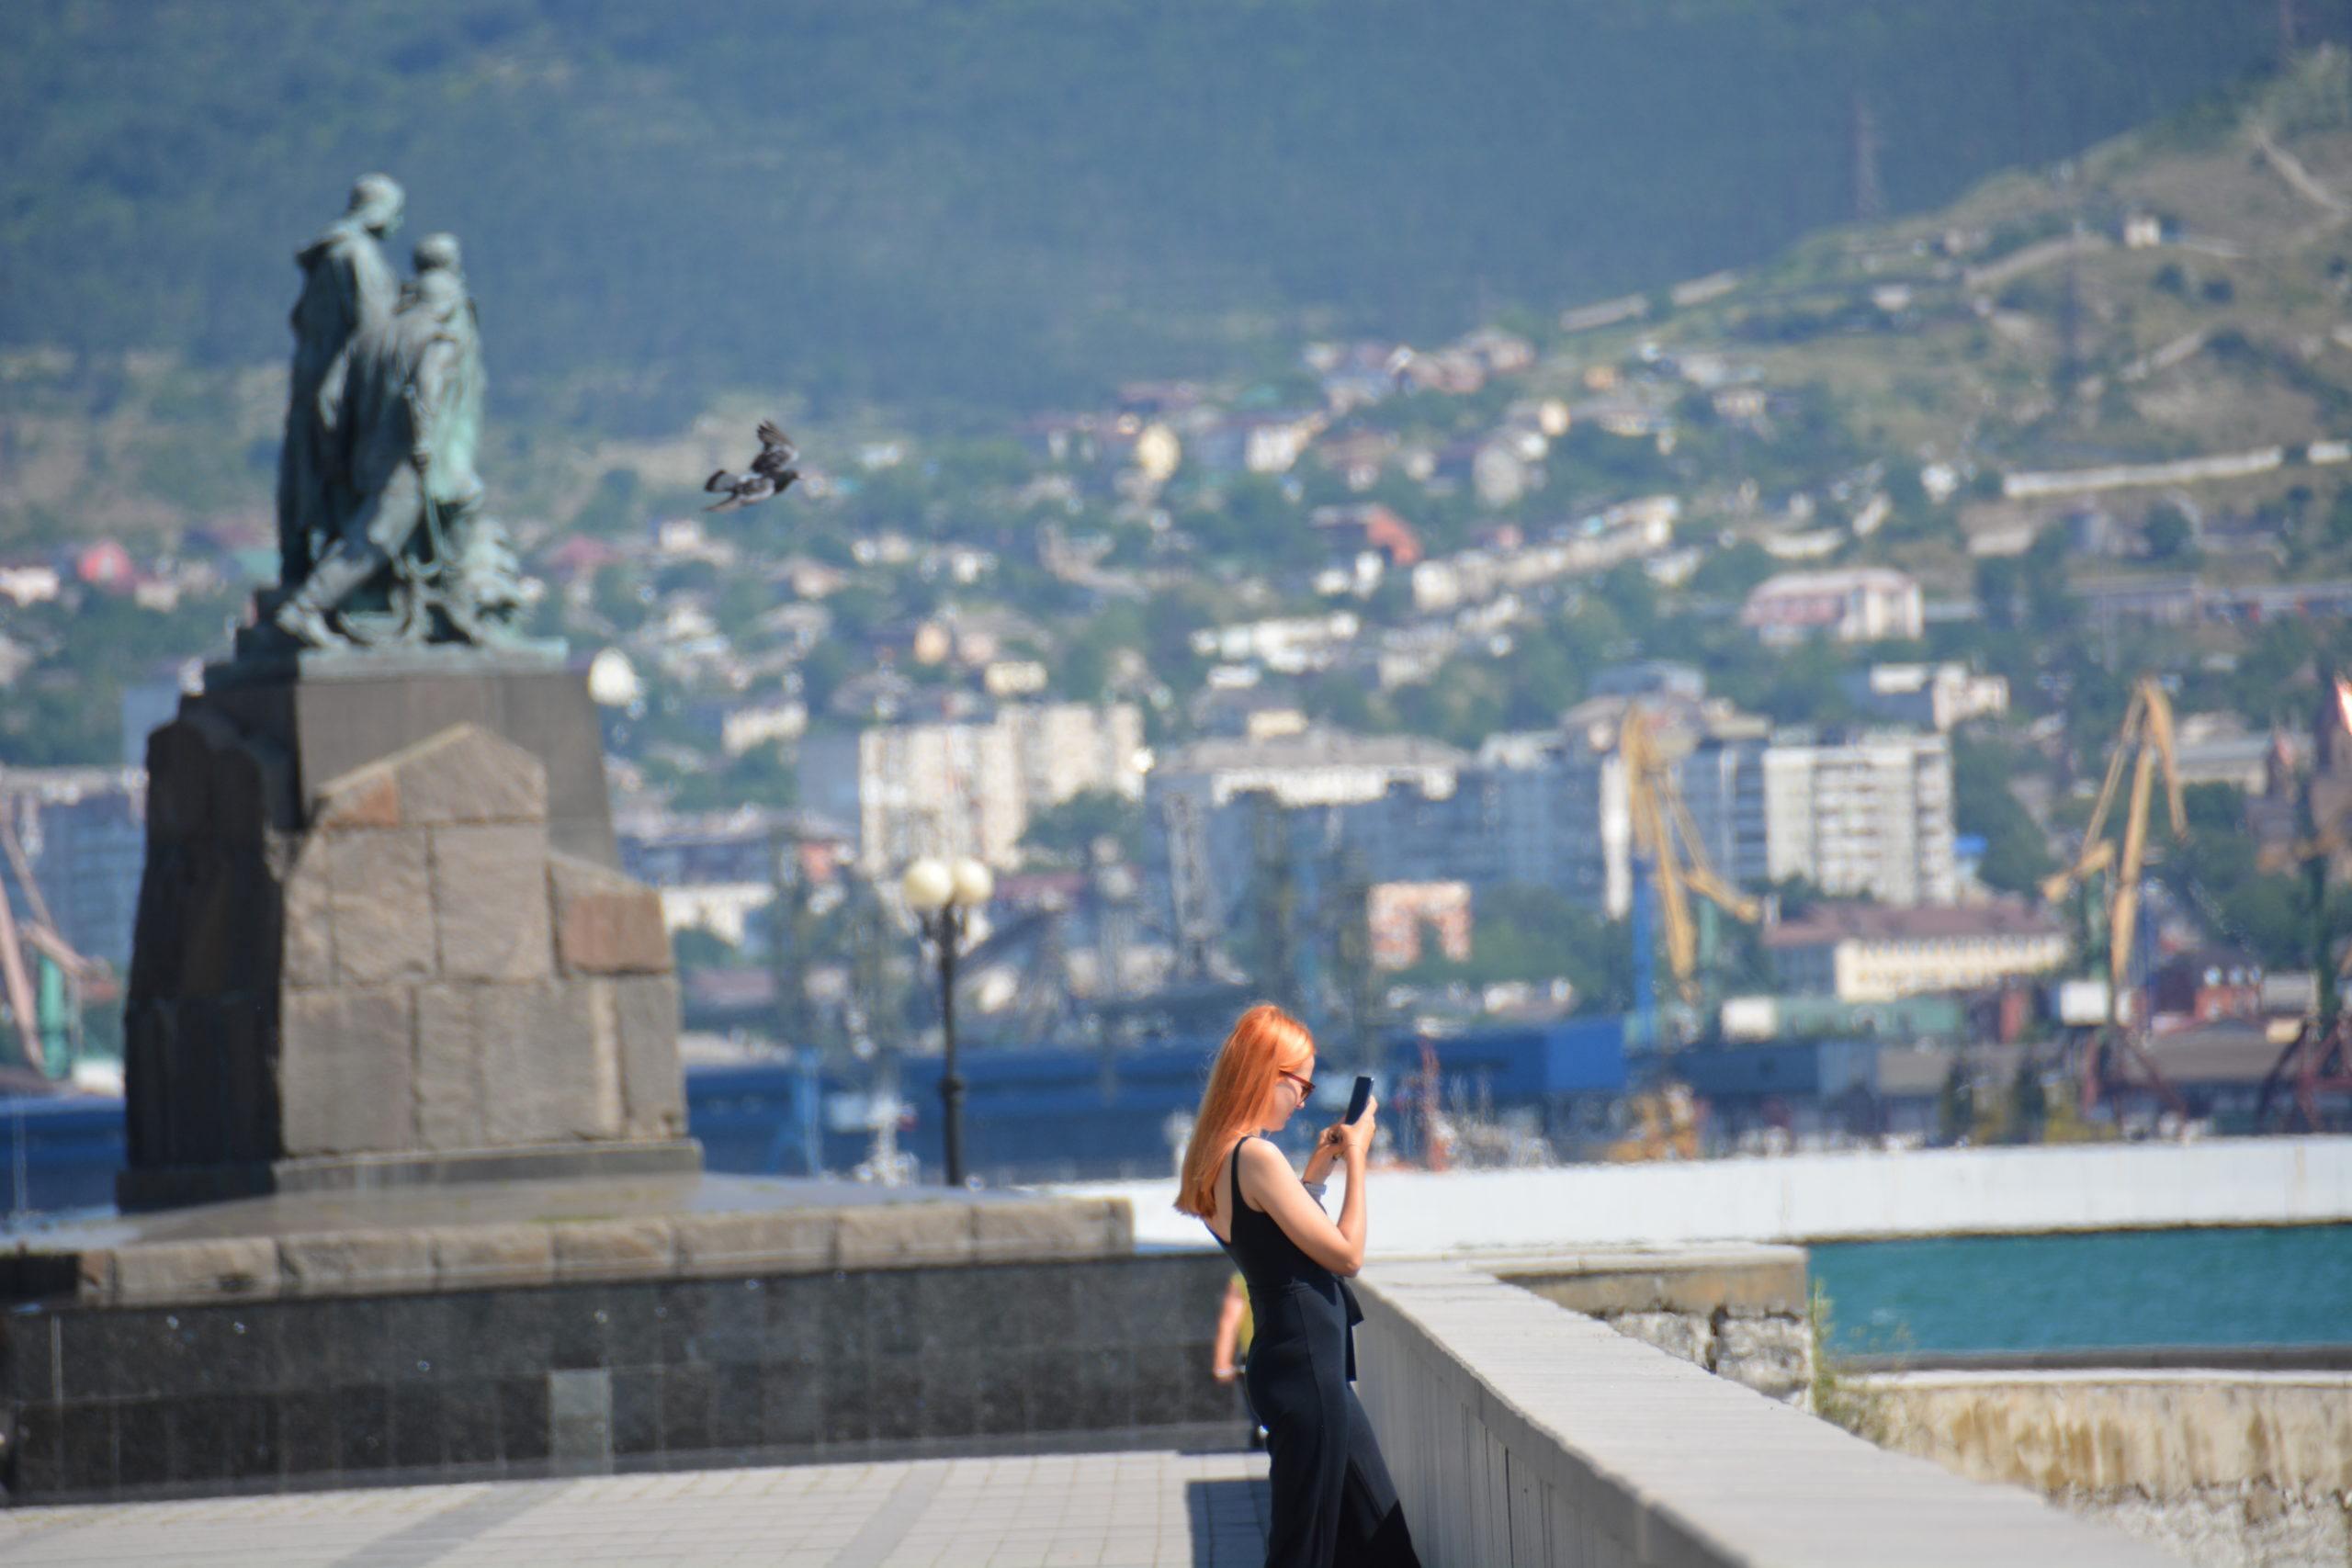 Выходные в Новороссийске будут жаркими и ветреными